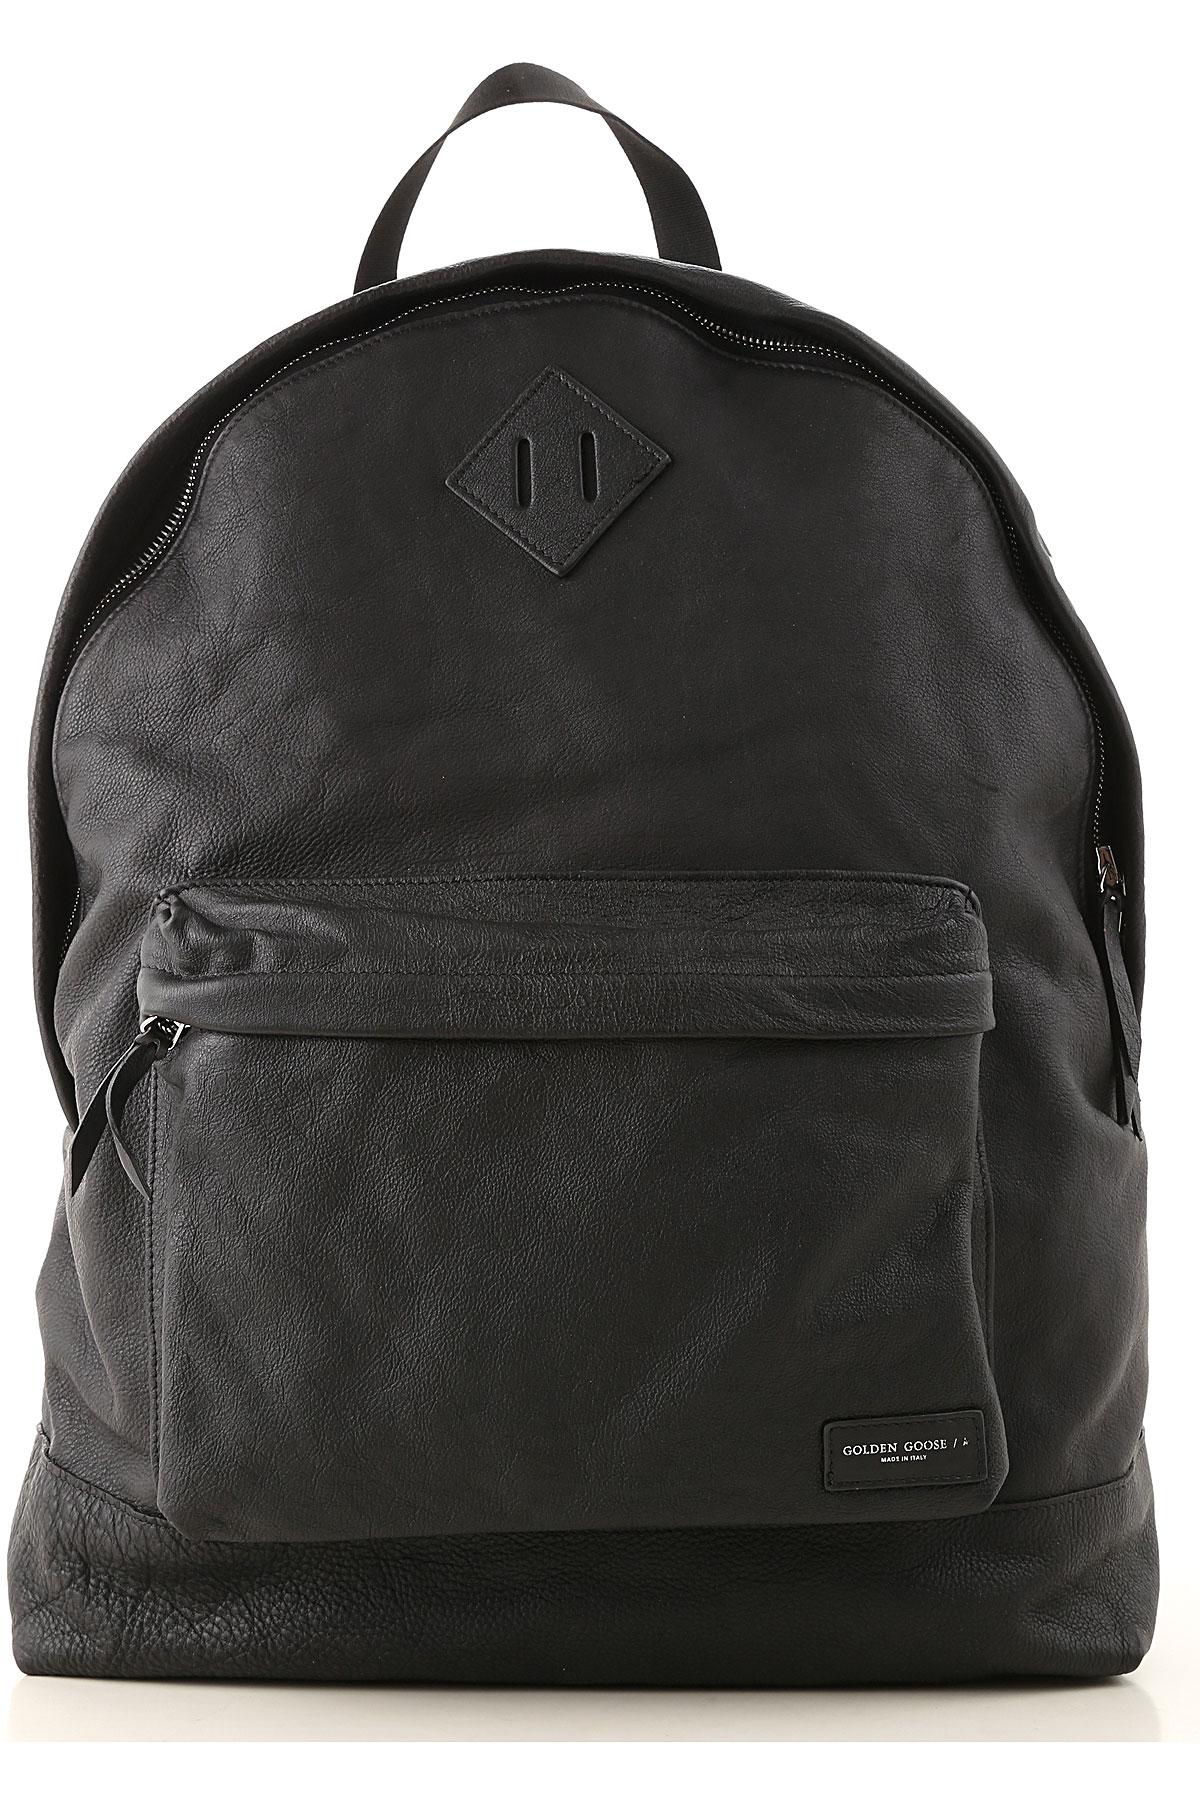 Golden Goose Backpack for Men On Sale, Black, Leather, 2019